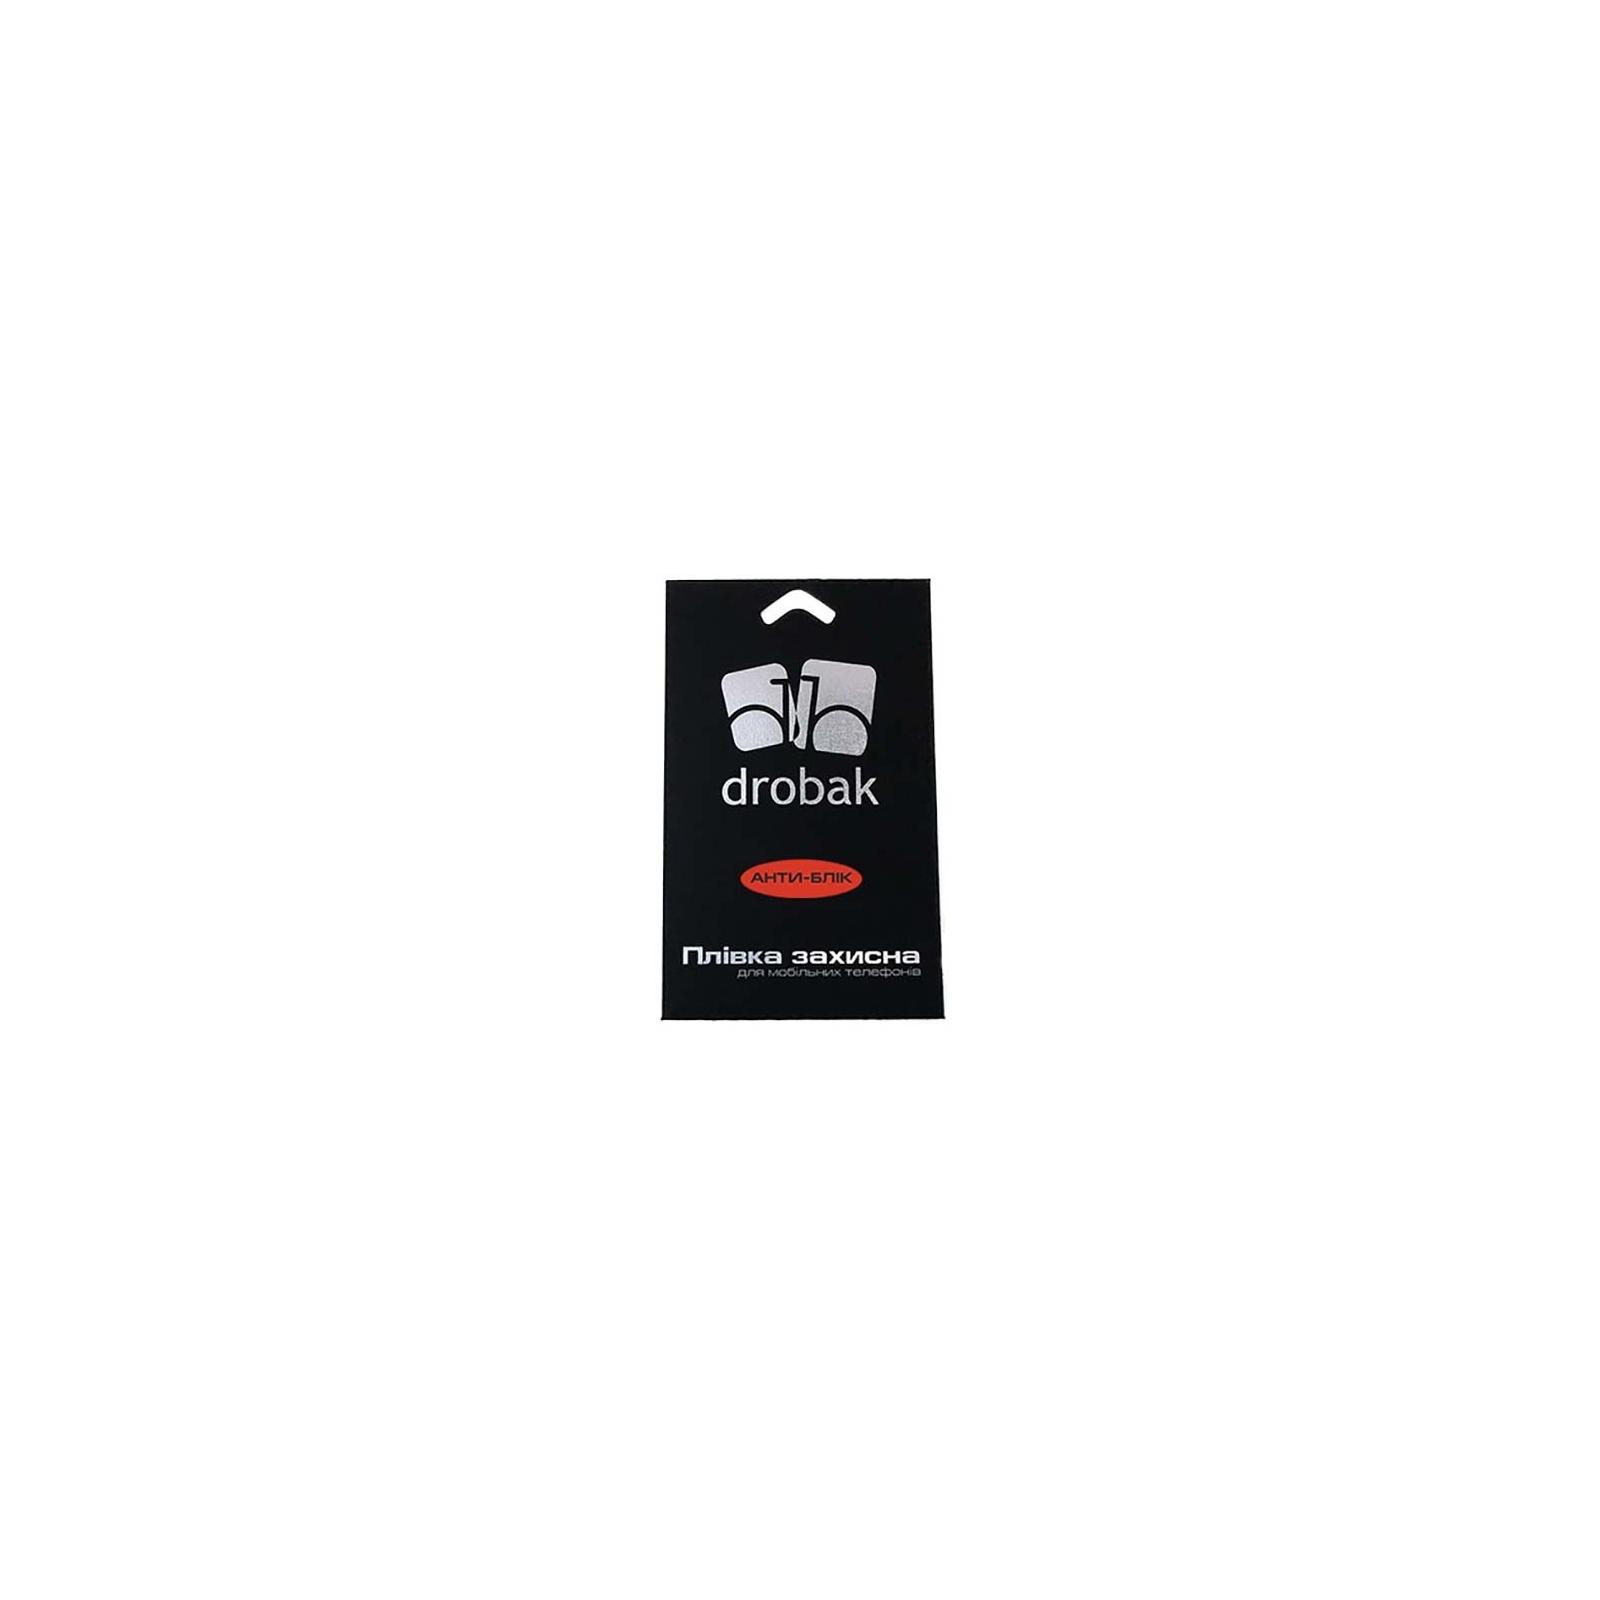 Пленка защитная Drobak для HTC Desire 500 Anti-Glare (504386)